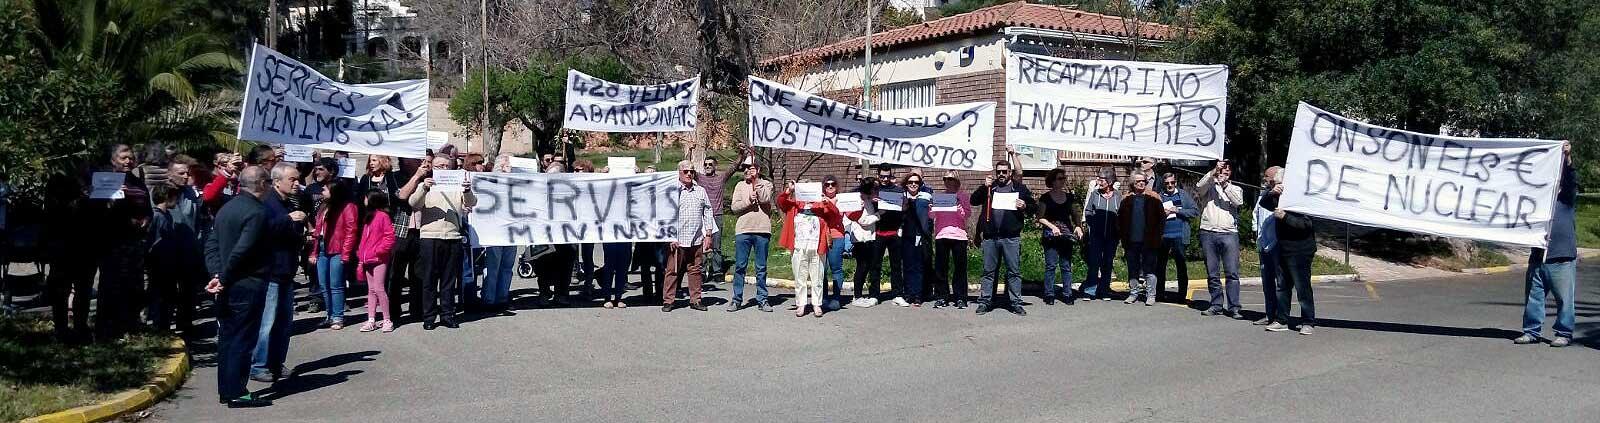 Manifestation Pratdip Catalogne